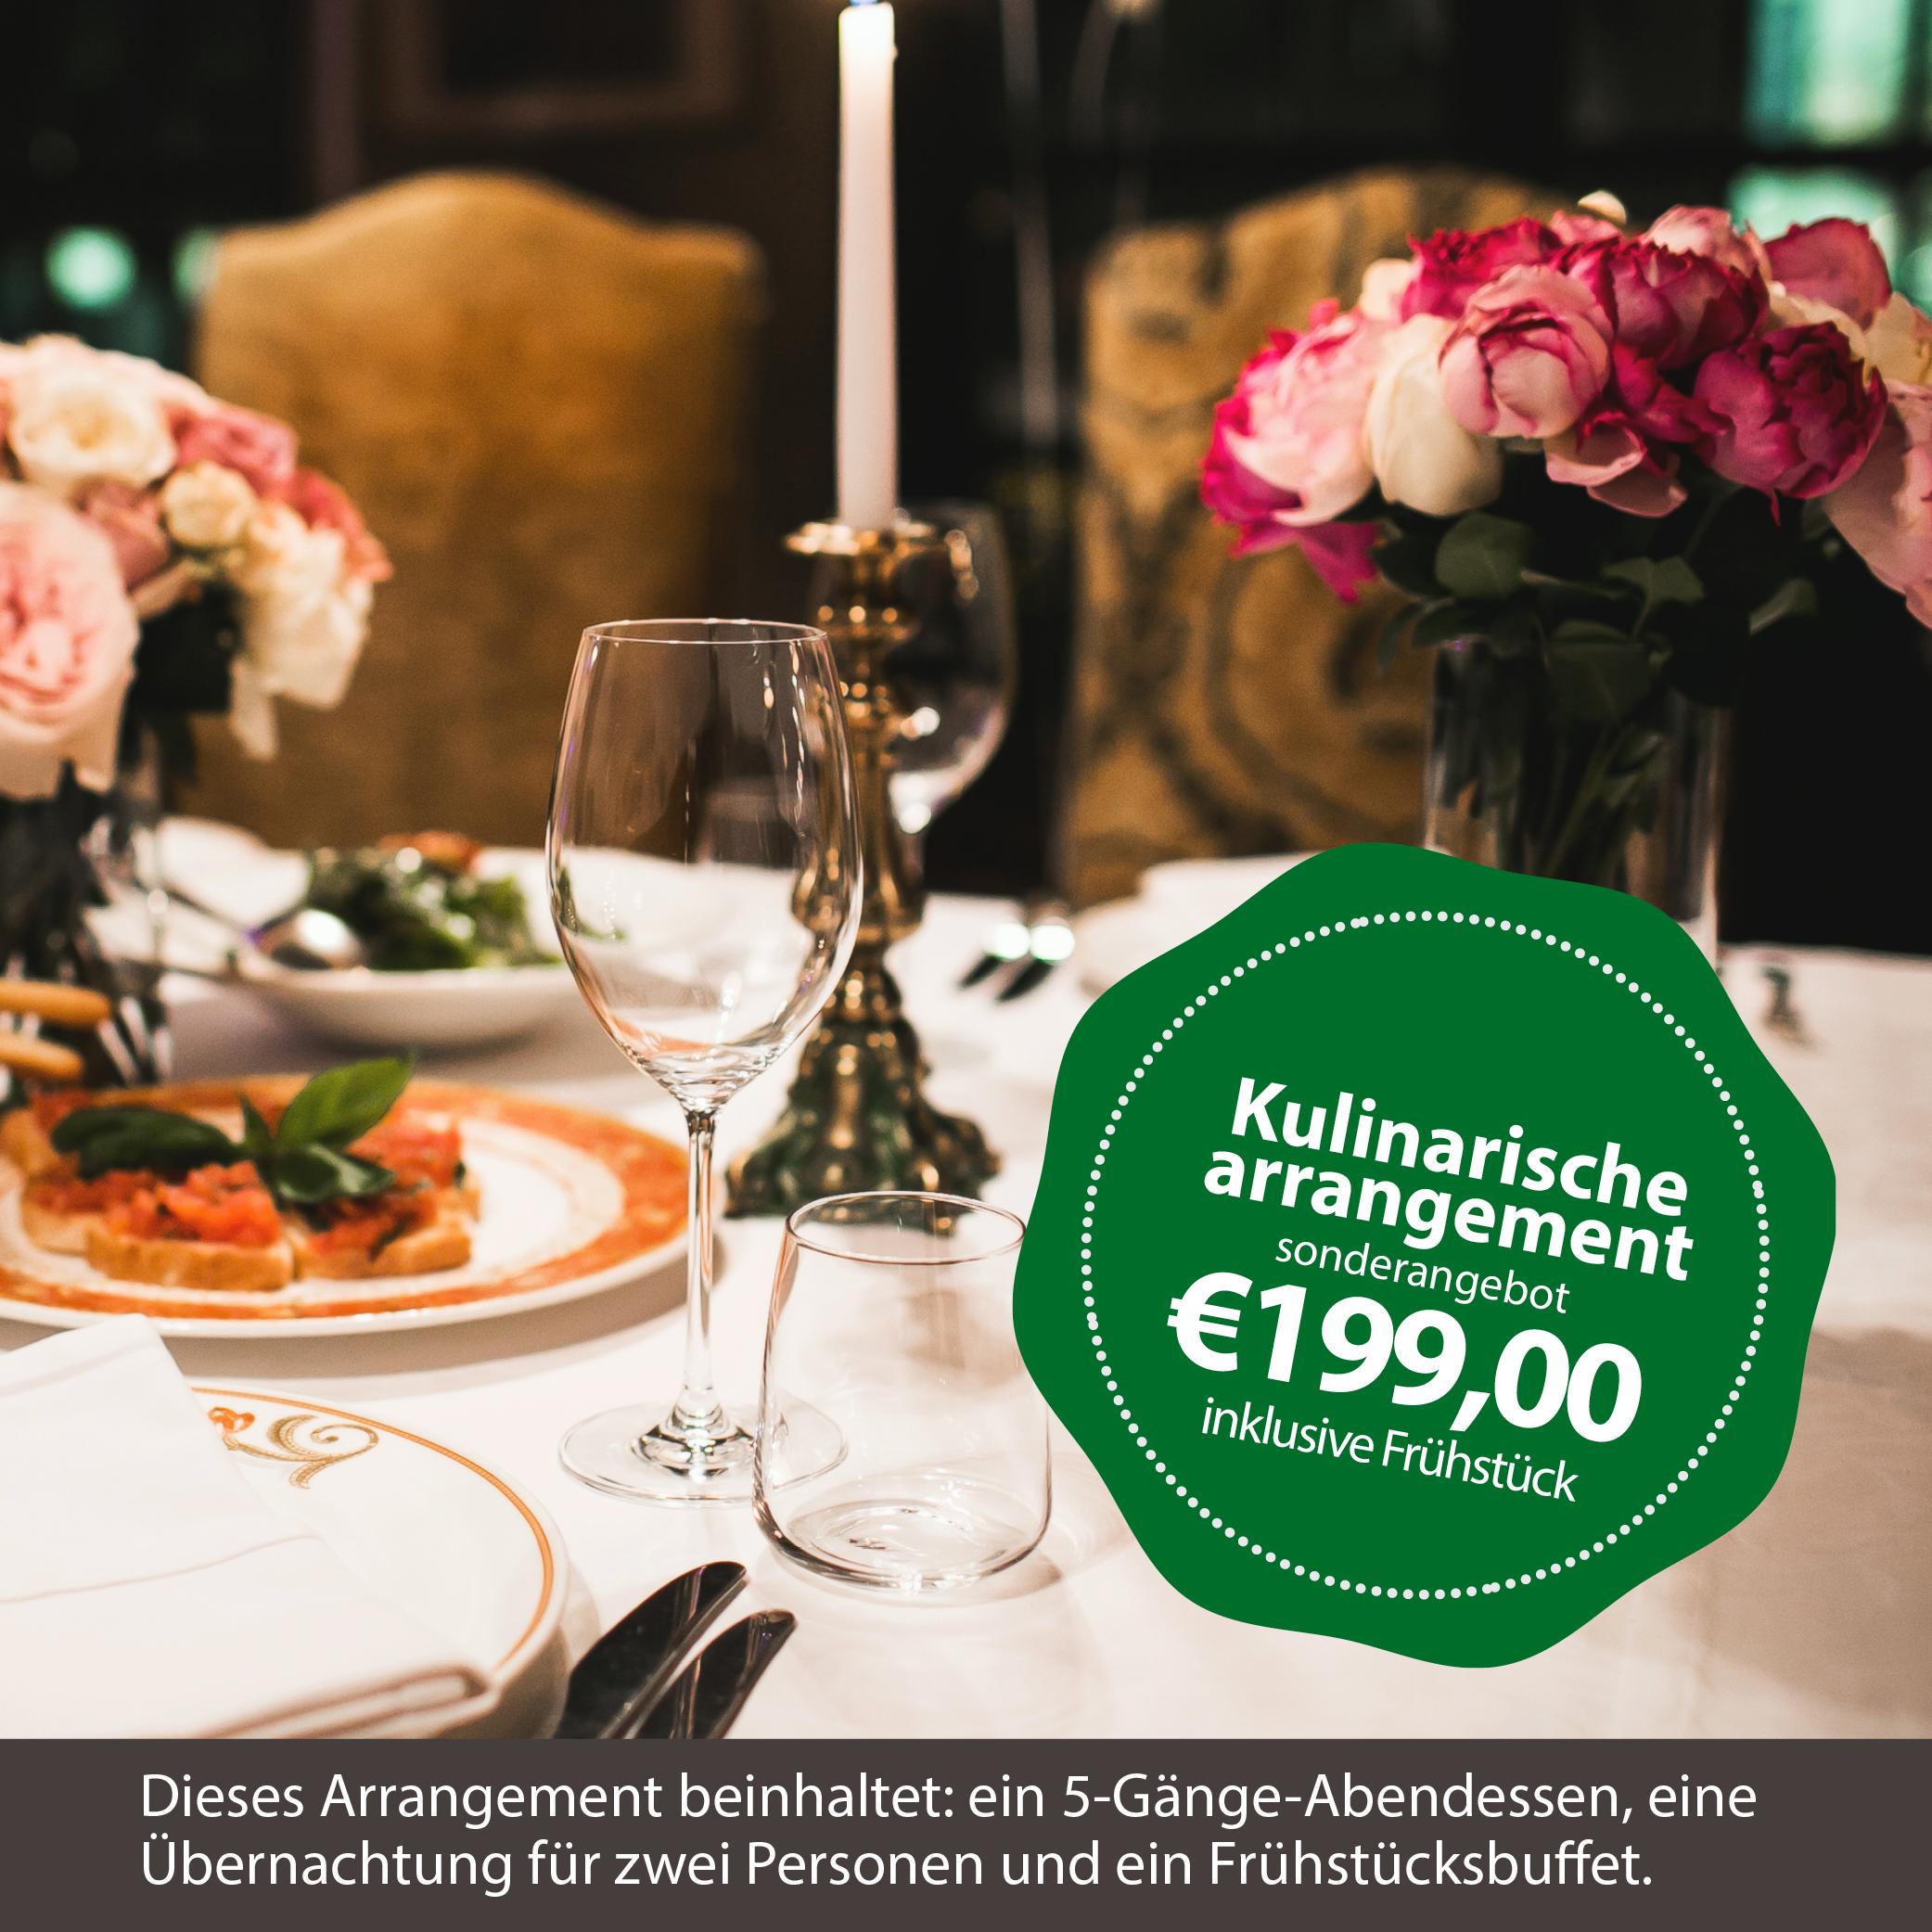 DE-Culinair arrangement v3